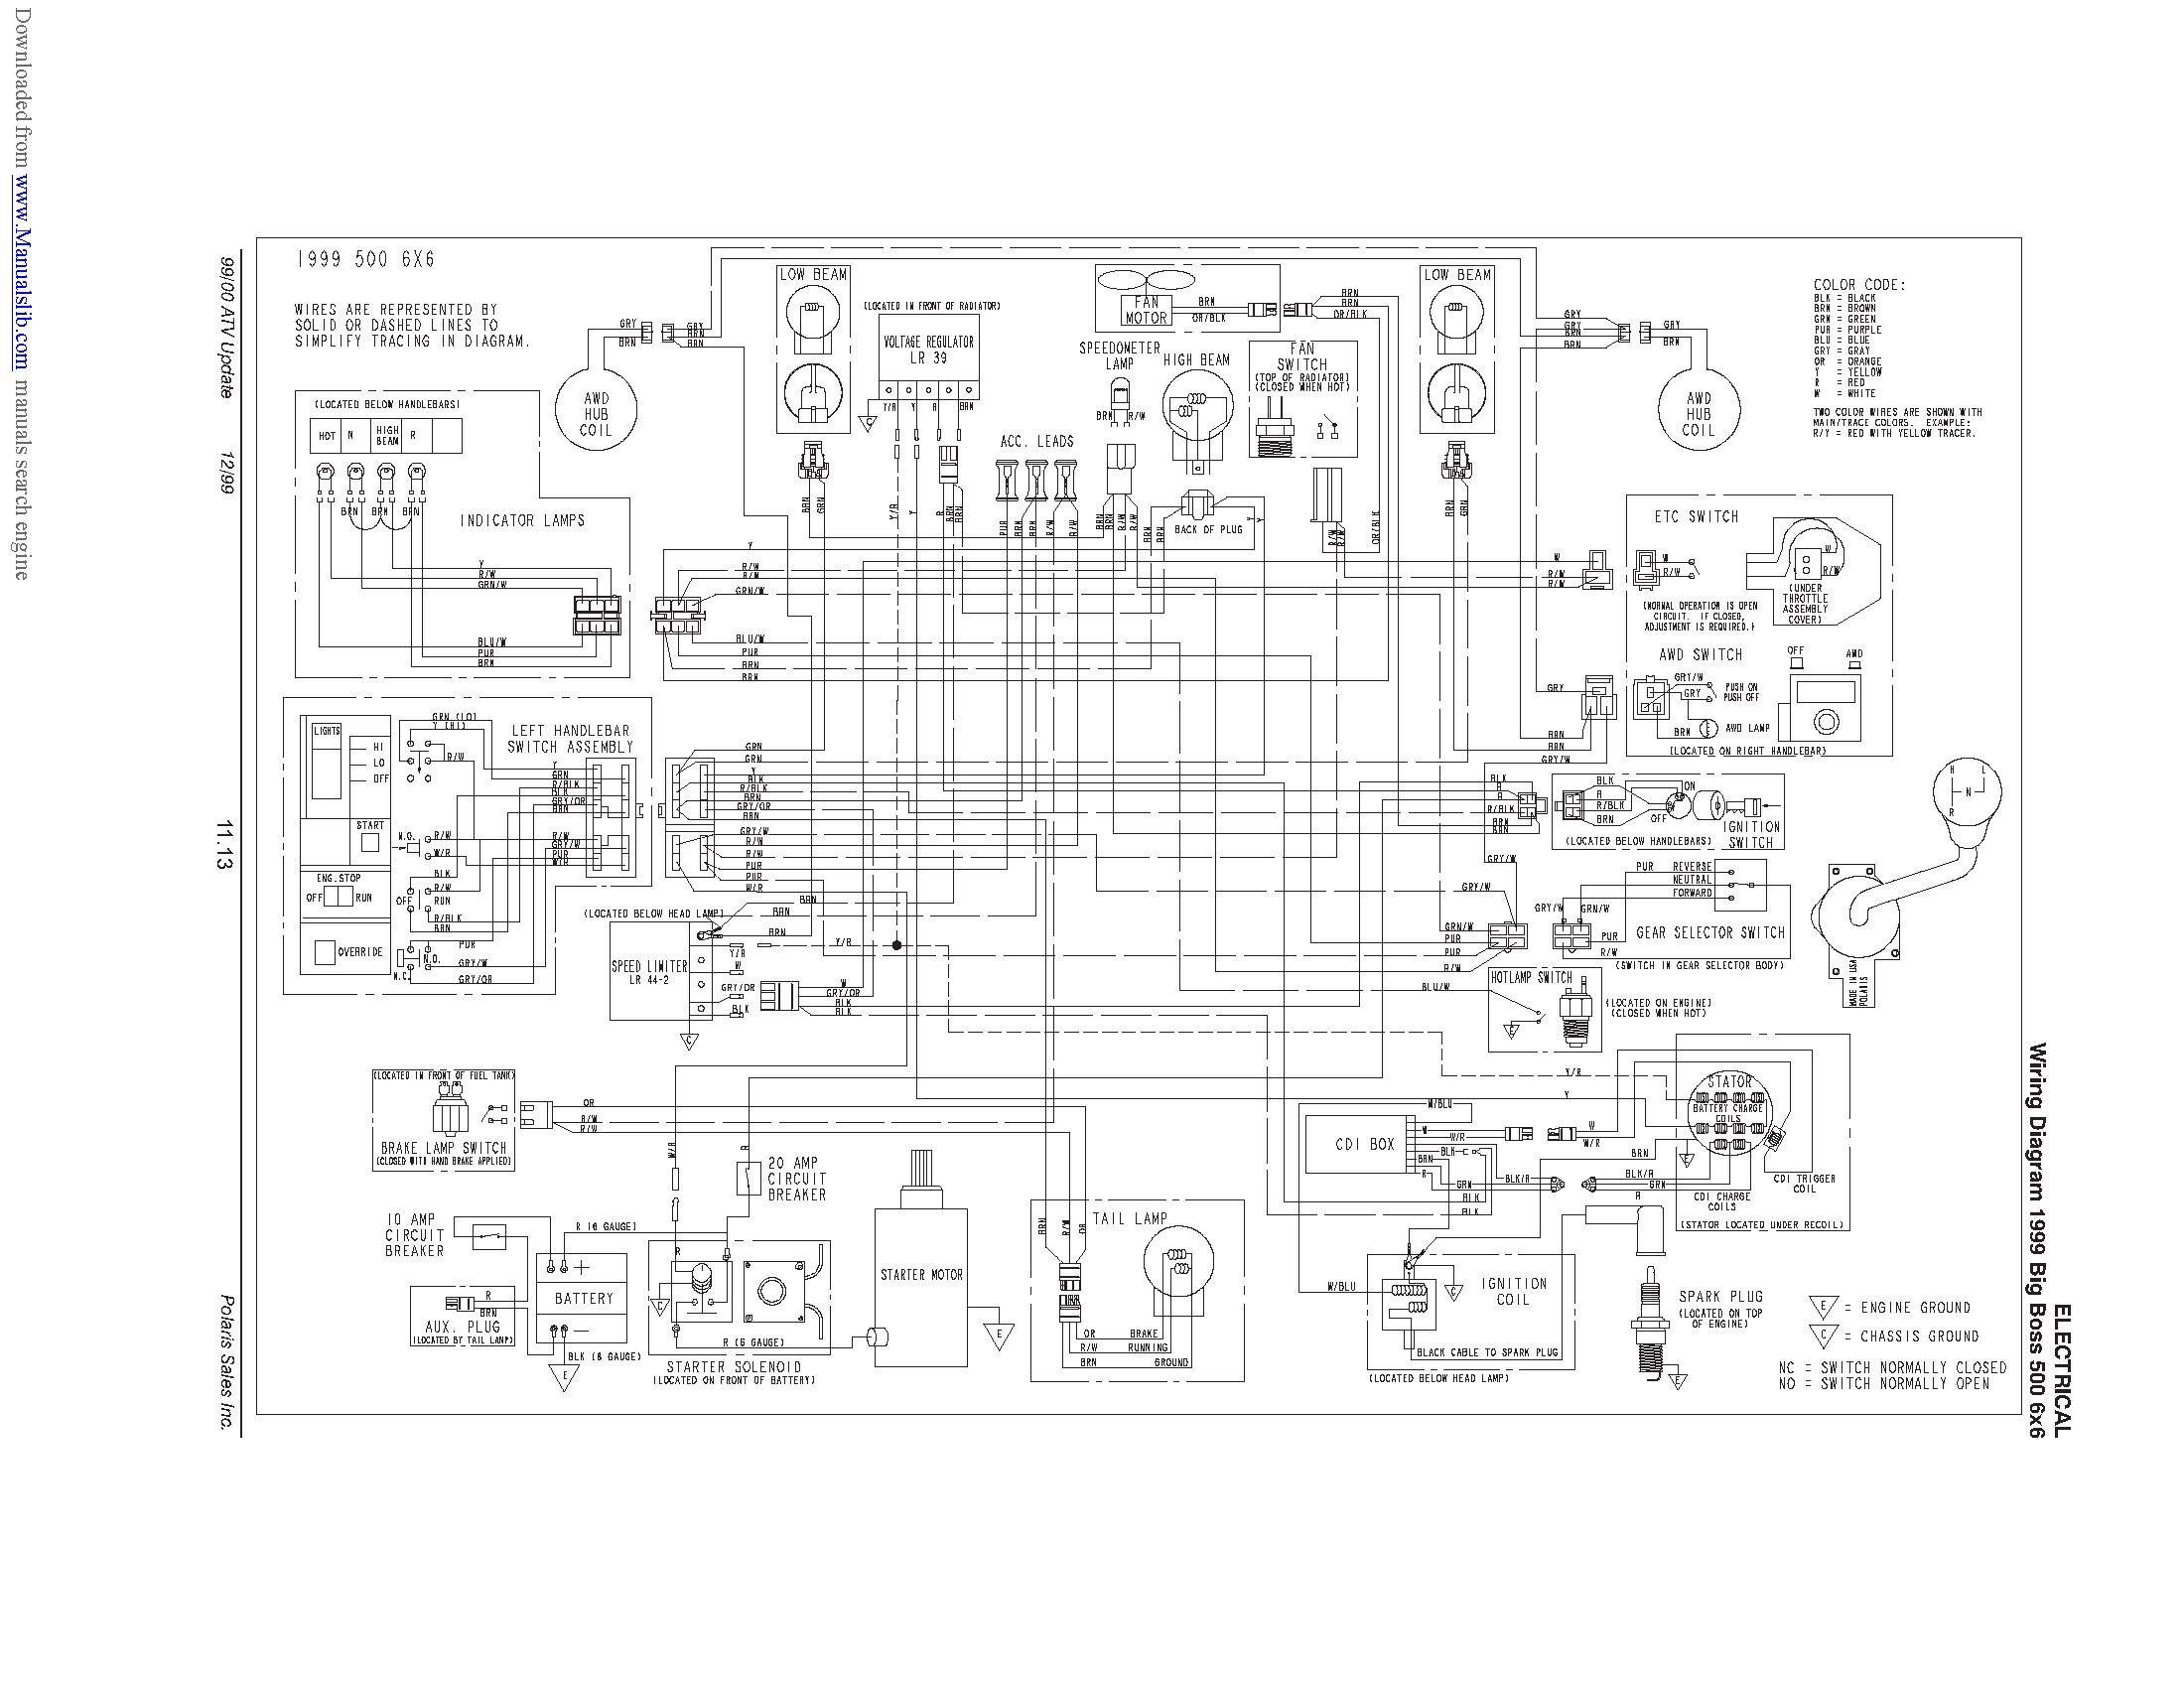 trail boss wiring diagram 1999 polaris wiring diagram wiring diagrams dat polaris 250 trail boss wiring diagram 1999 polaris wiring diagram wiring